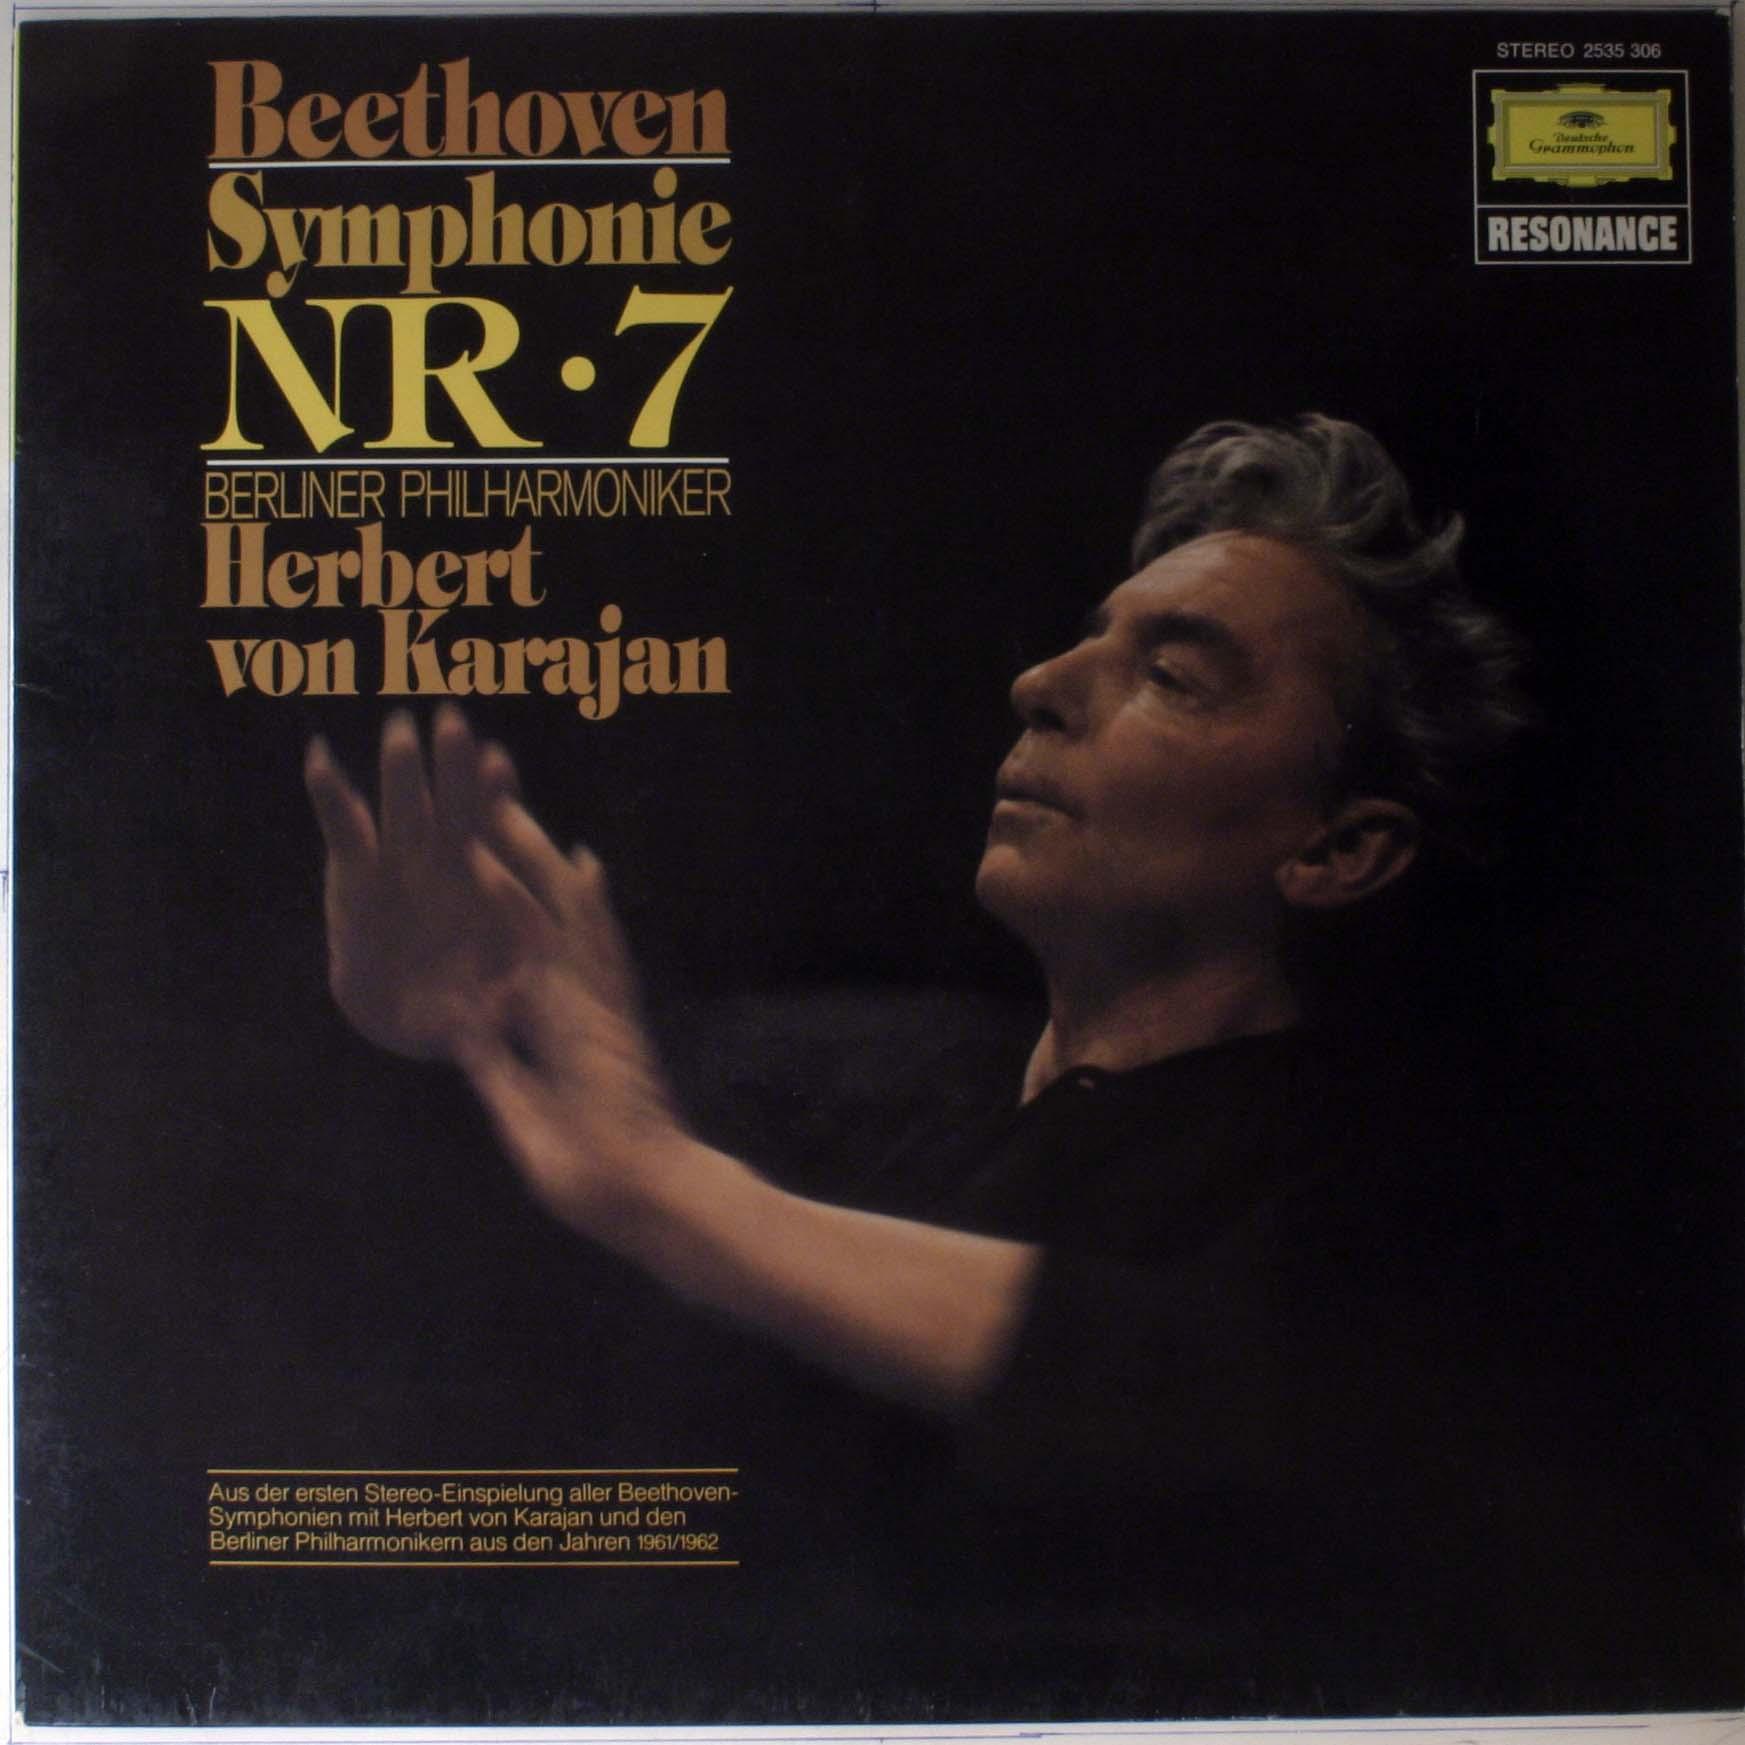 Herbert von Karajan - Ludwig van Beethoven Beethoven Symphony No.5 In C Minor Opus 67